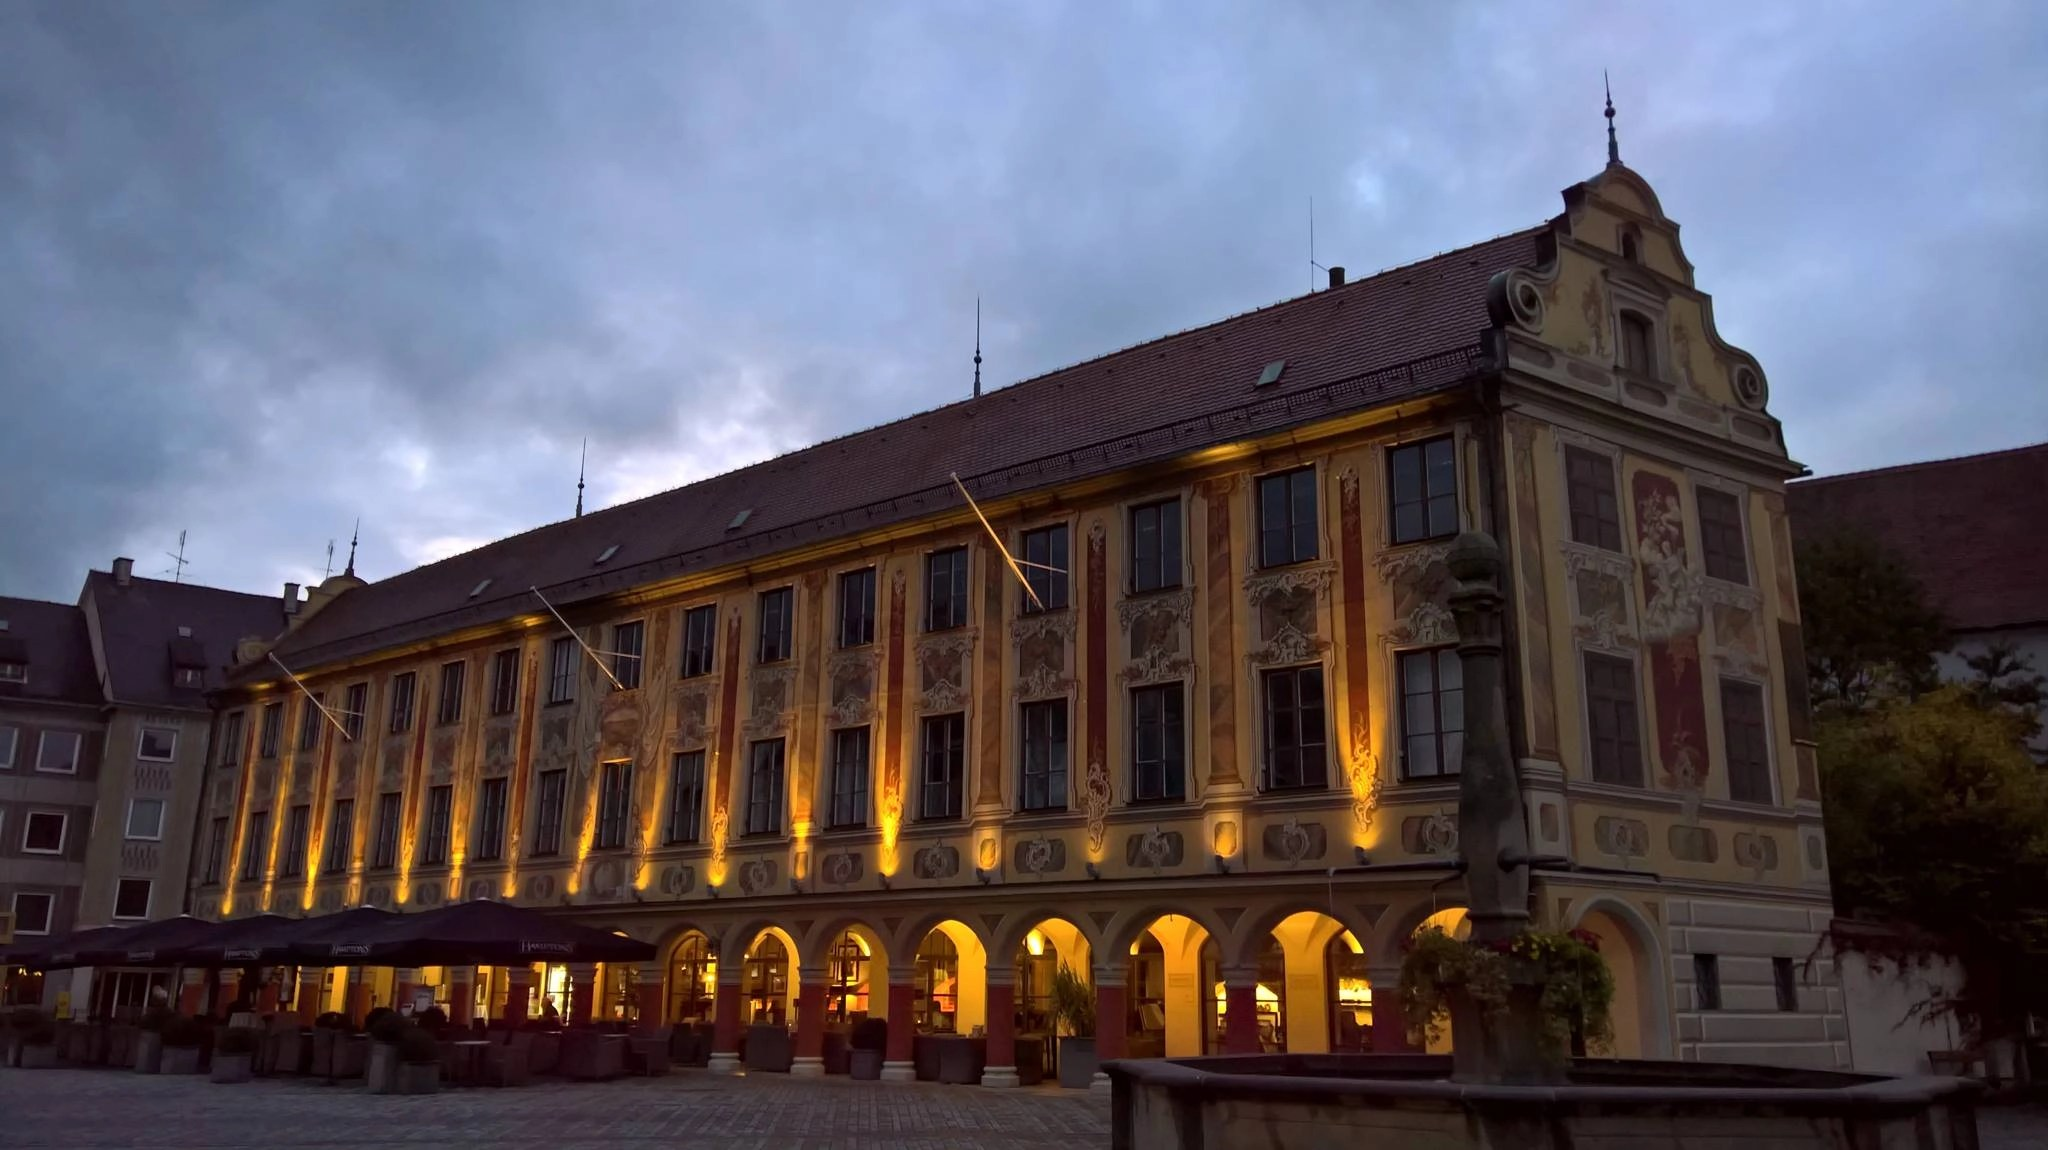 Steuerhaus in Memmingen, Germany